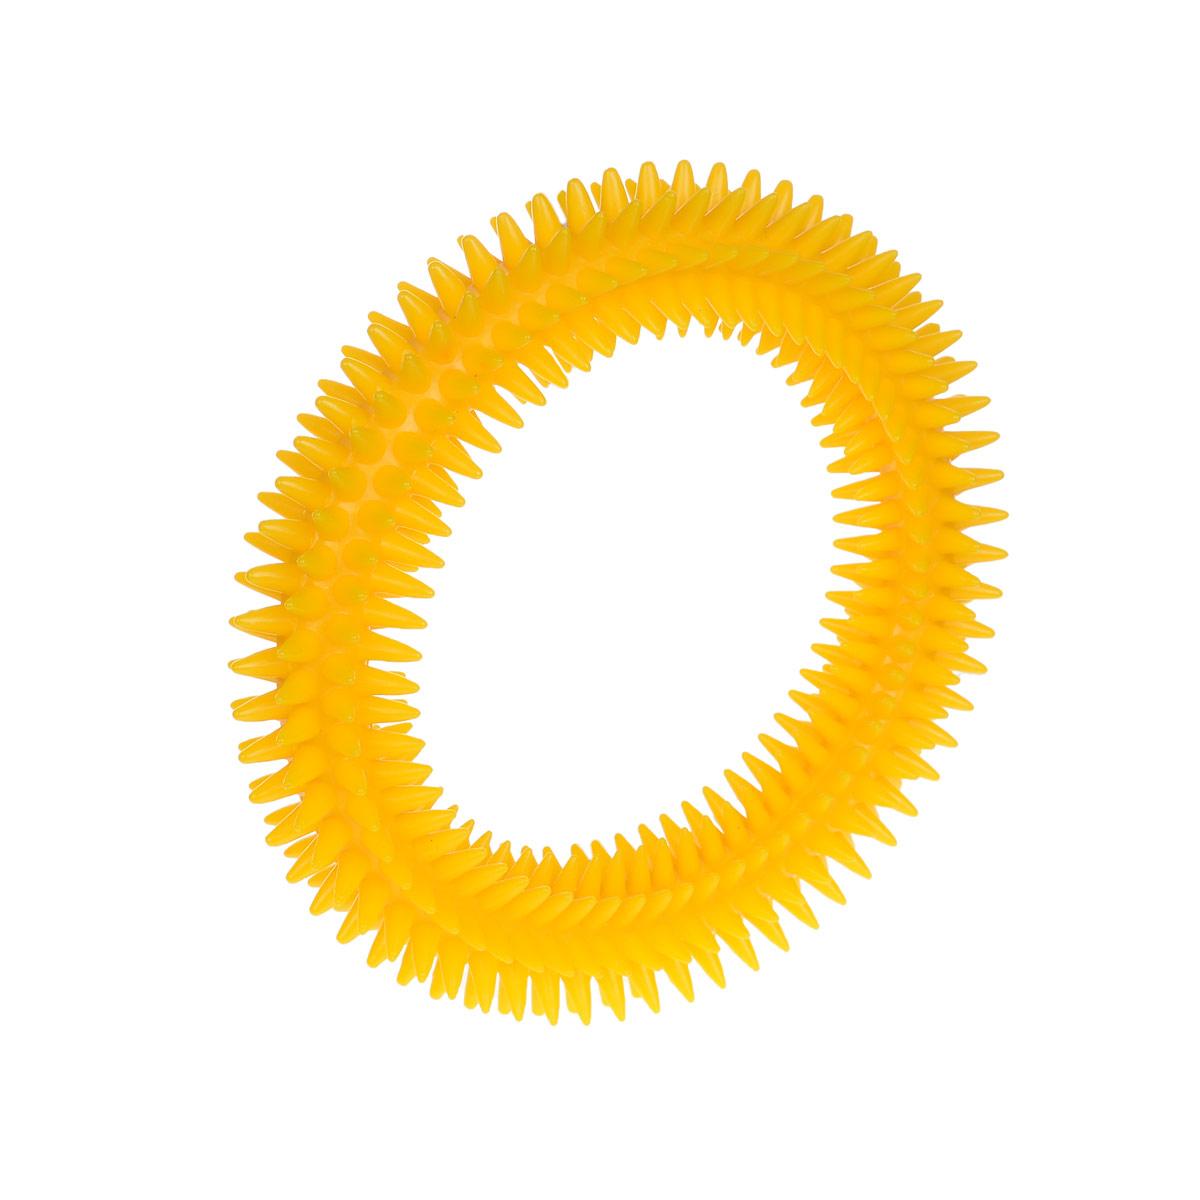 Кольцо массажное с шипами V.I.Pet, цвет: желтый, диаметр 12 см5012_желтыйМассажное кольцо с шипами V.I.Pet предназначено для собак. Прочная игрушка выполнена из пластика с использованием только безопасных, не токсичных красителей. Отлично подходит для игры с собакой, во время которой будет происходить массаж и укрепление десен вашего питомца. Как и в случае с любой другой игрушкой для животных, присматривайте за собакой во время игры. Диаметр: 16 см. Товар сертифицирован.